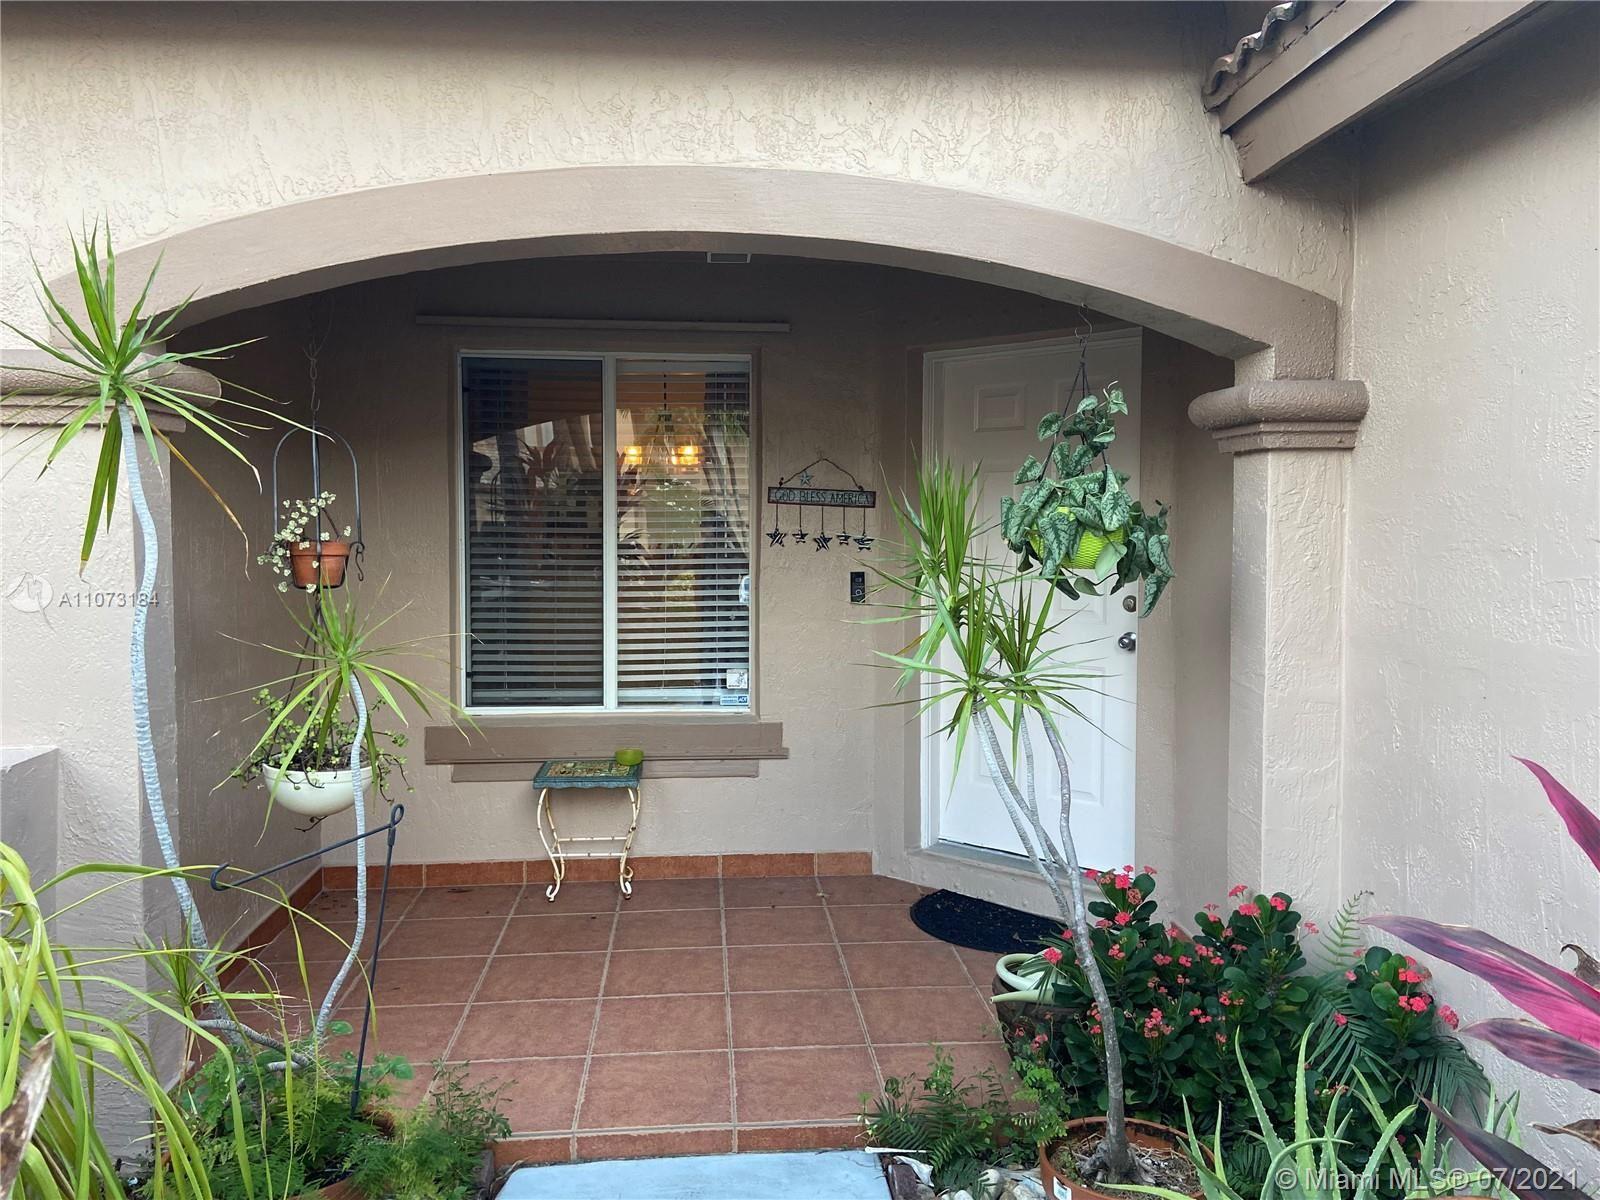 7434 SW 162nd Pl, Miami, FL 33193 - #: A11073184